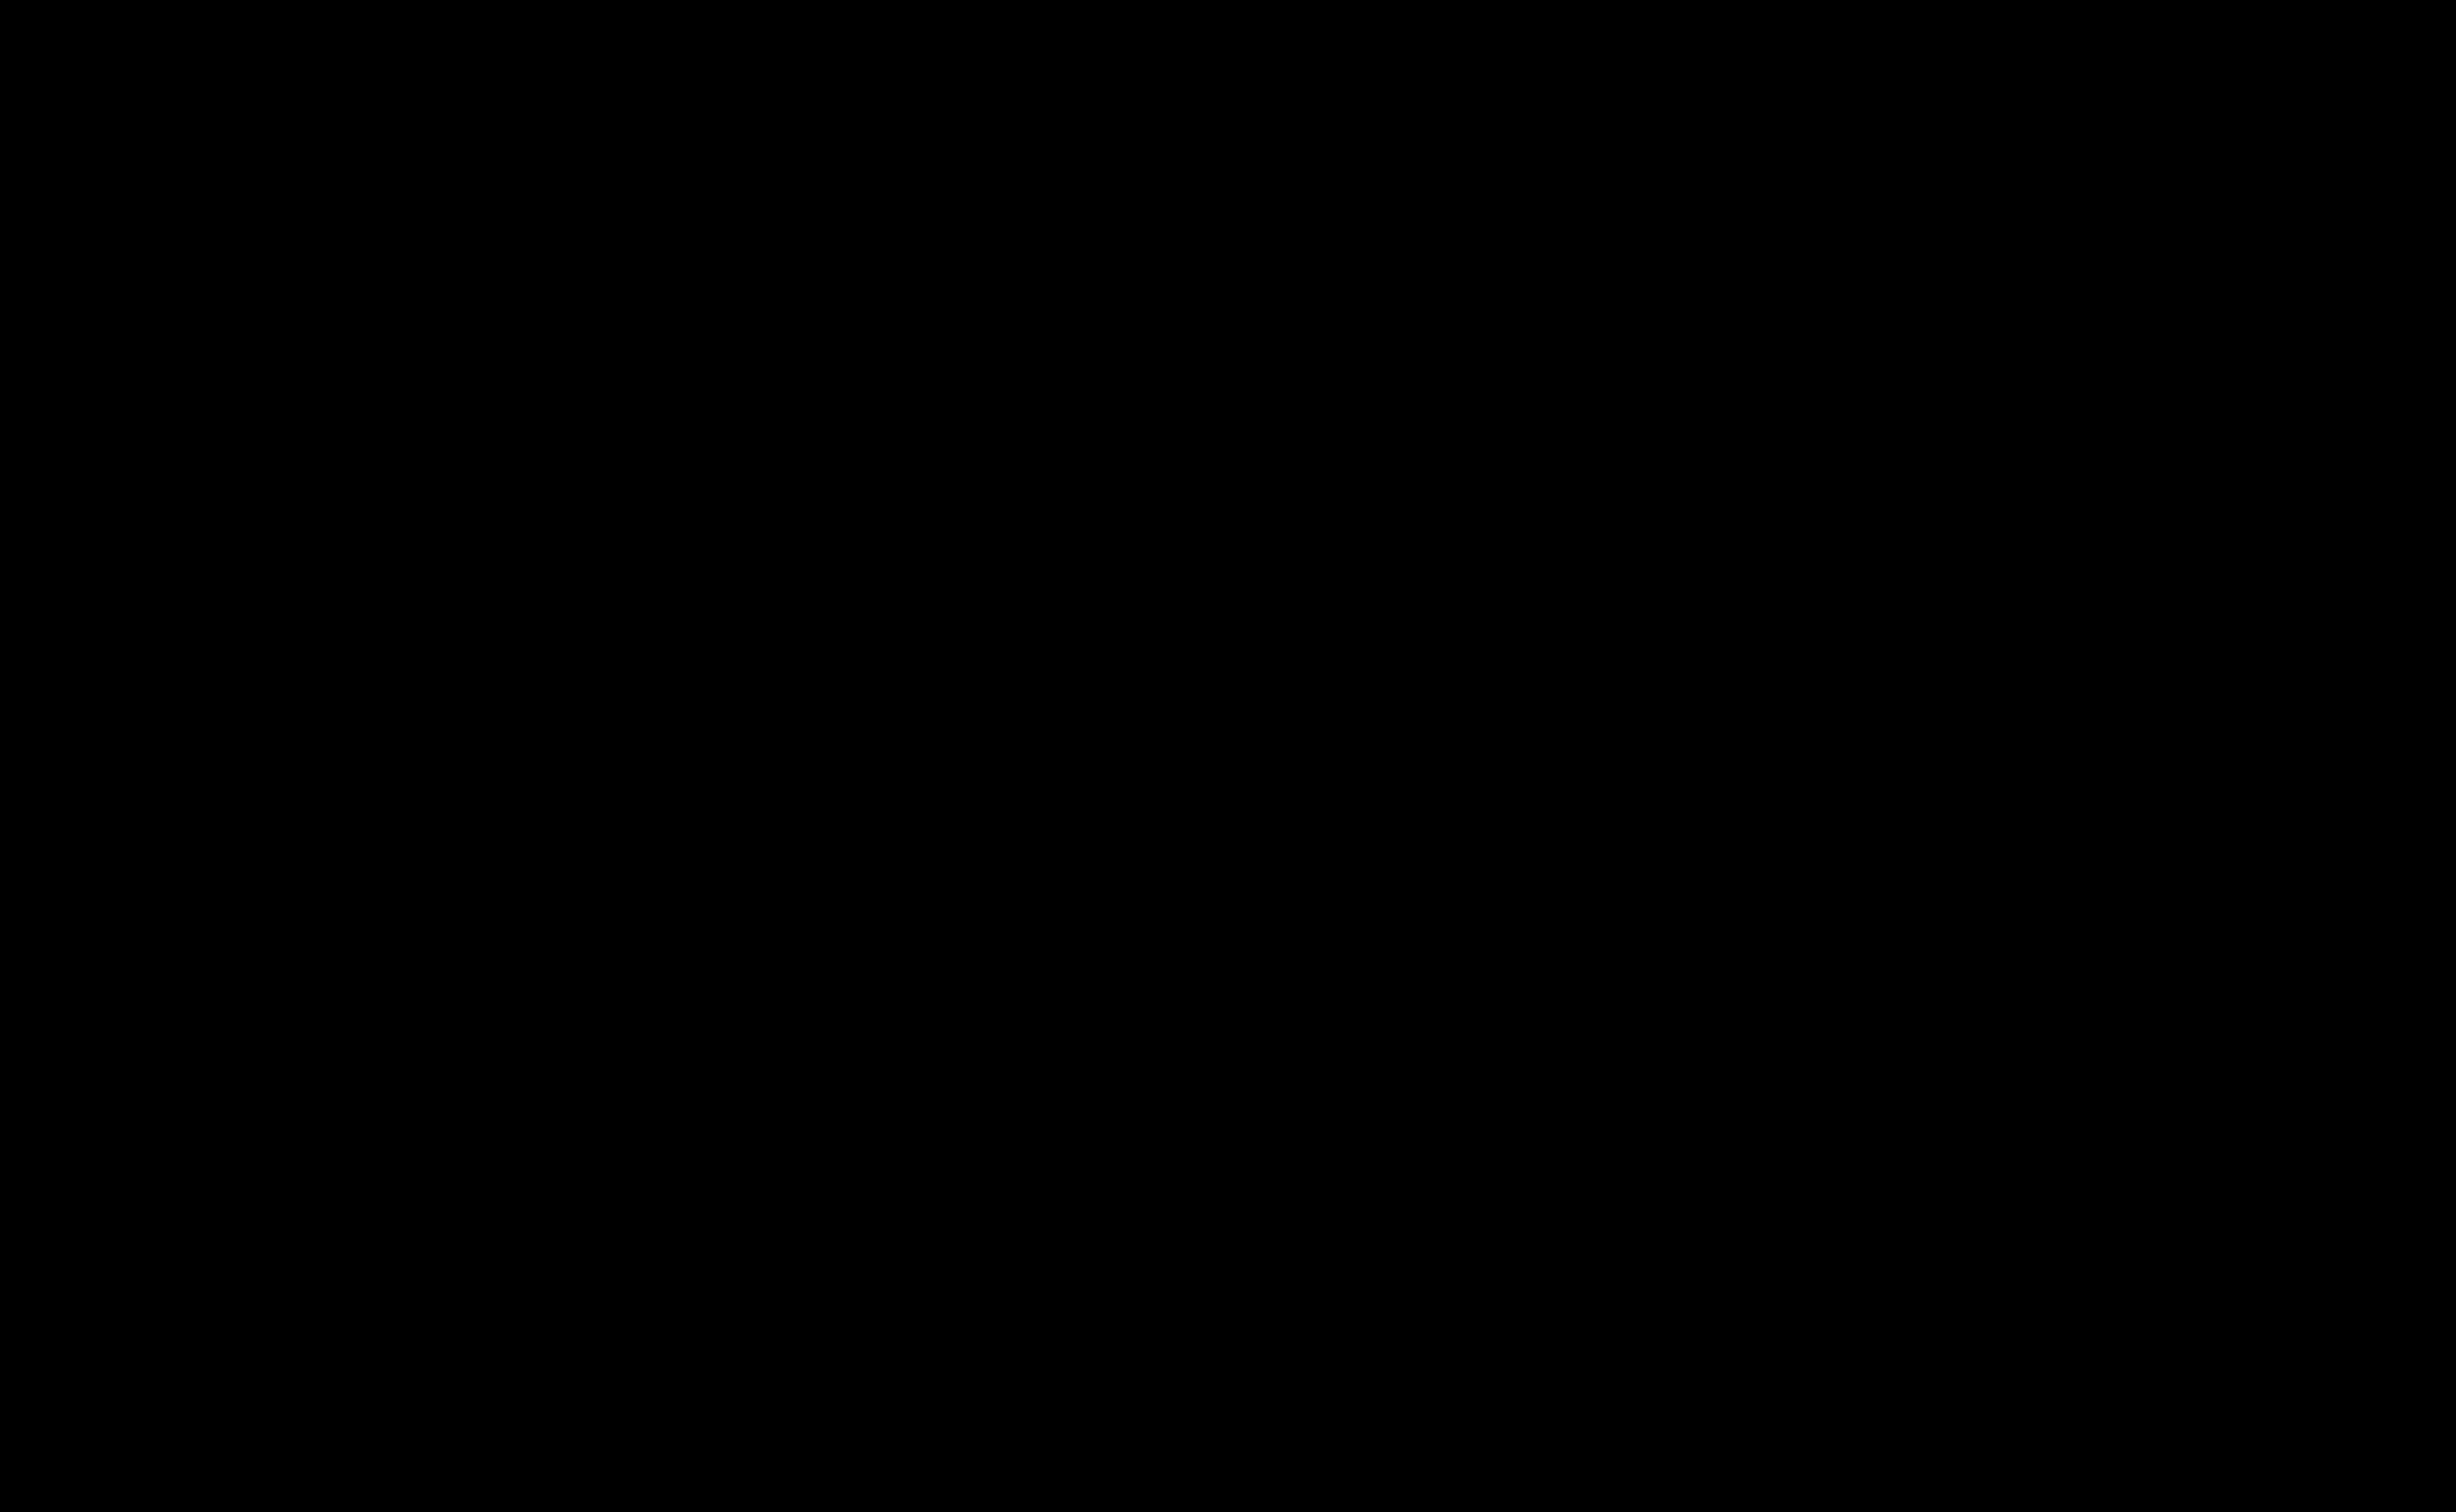 Biotin-dPEG®₄-amido-dPEG®₂₄-amido-dPEG®₂₄-DSPE